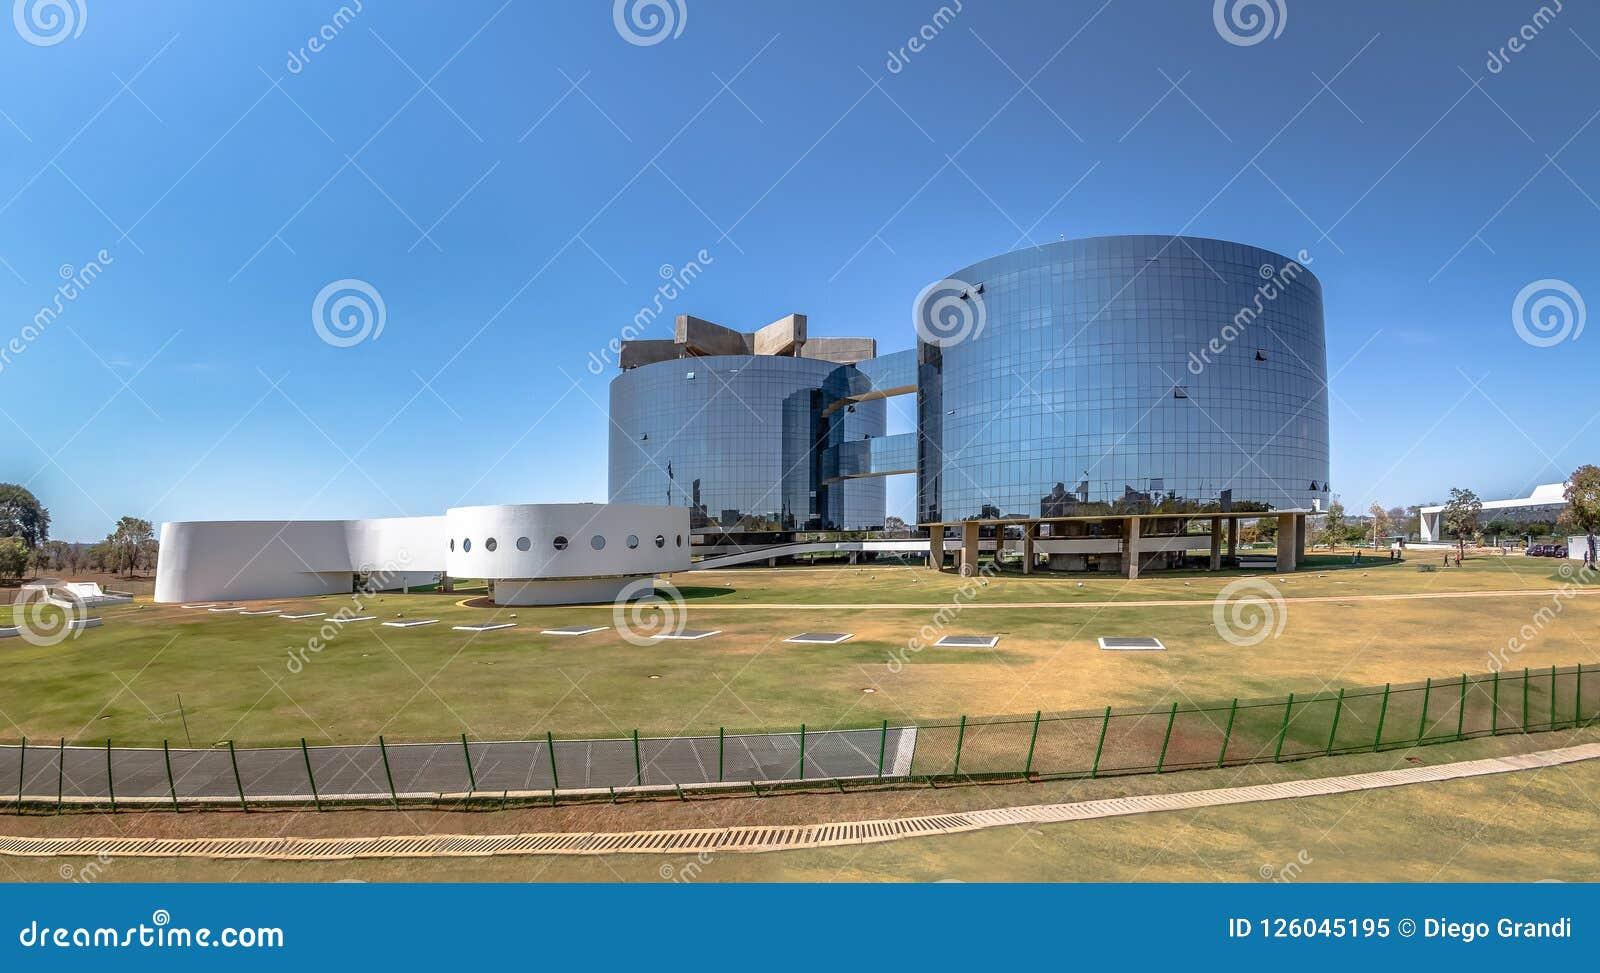 Bureau fédéral de poursuite, le Procureur Général General du siège social de République - PGR - Brasilia, Brésil